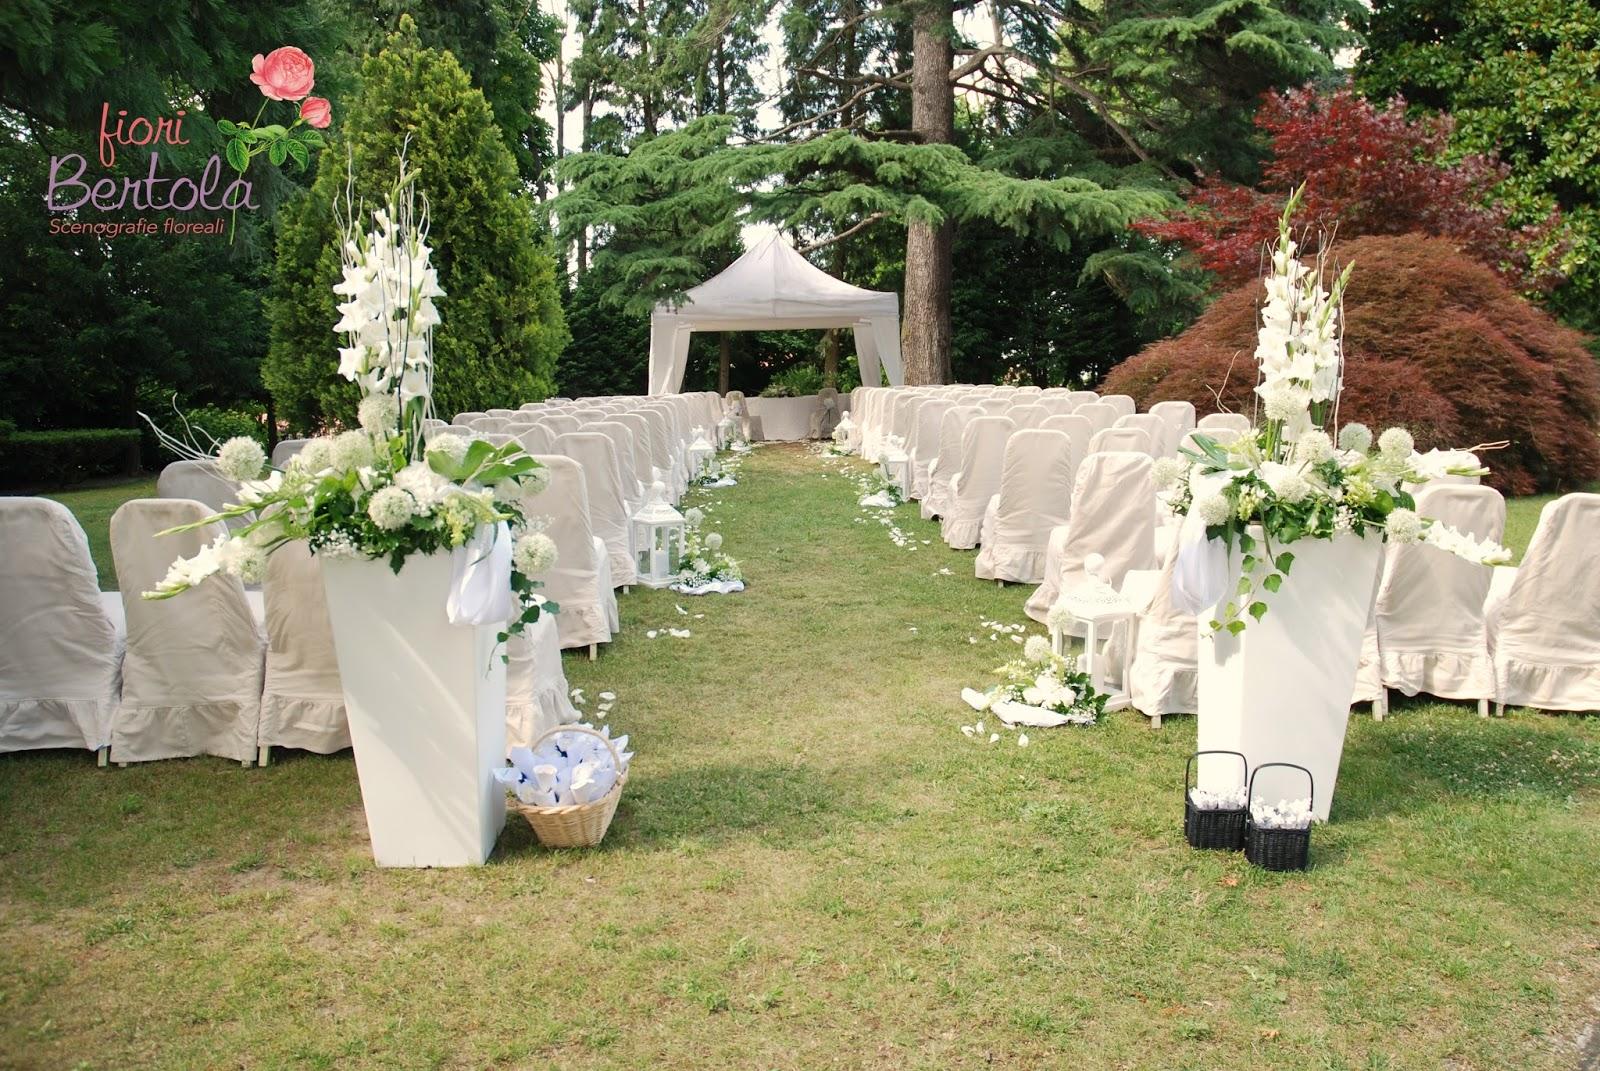 Matrimonio In Un Castello : Fiori bertola matrimonio castello di oviglio